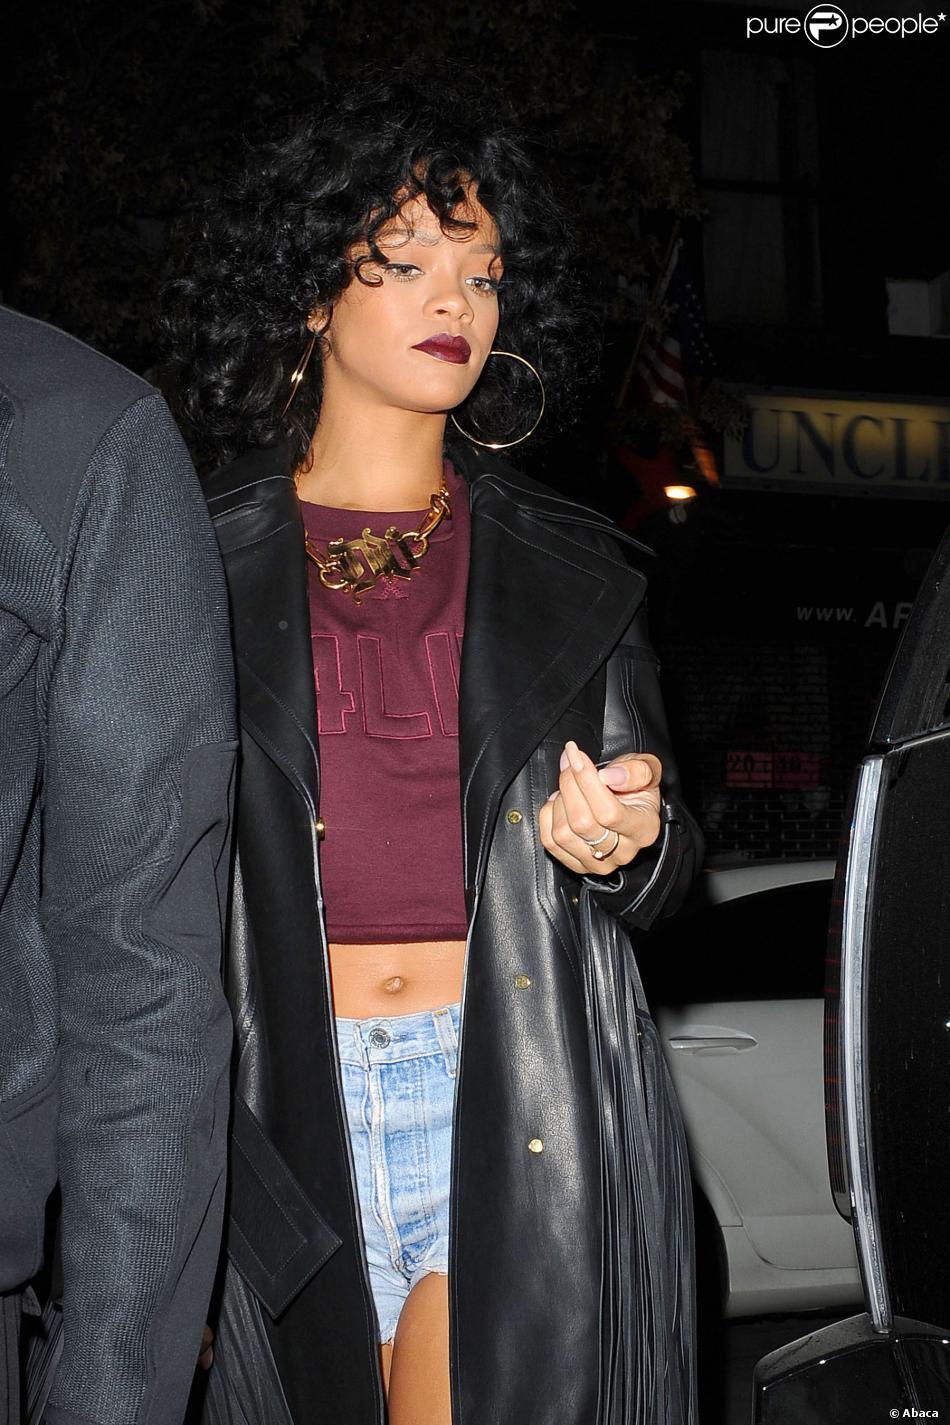 La chanteuse Rihanna à Chelsea, New York, de sortie, le 19 décembre 2013